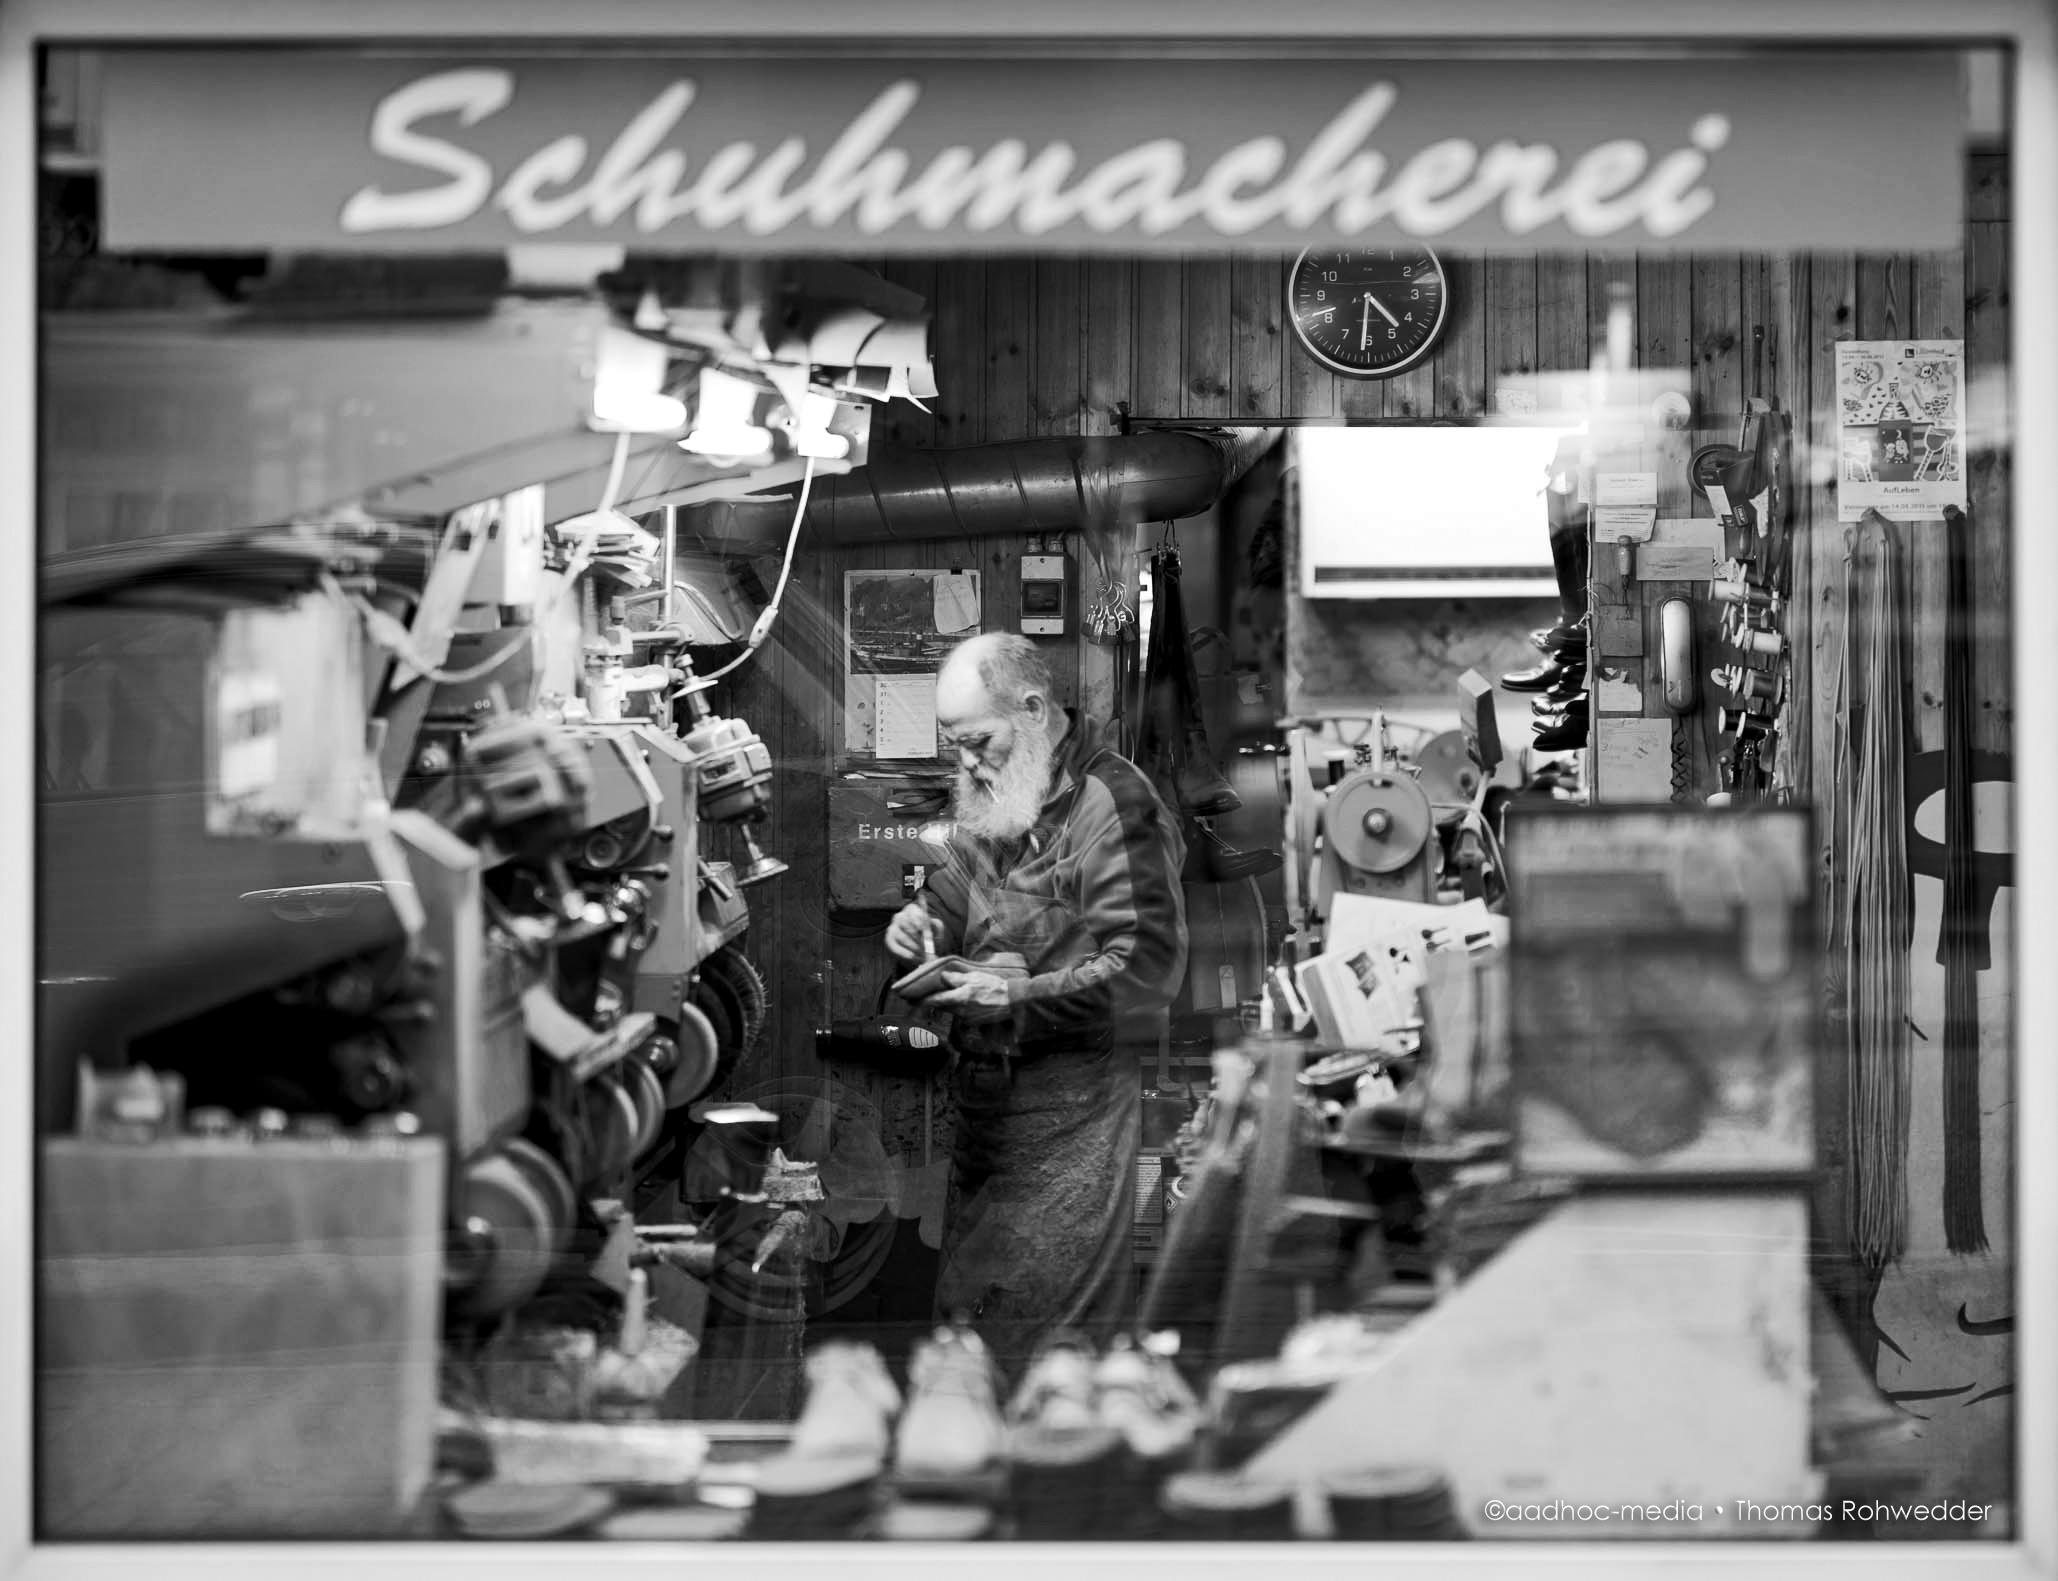 Schuhmacher ©Foto: aadhoc-media • Thomas Rohwedder